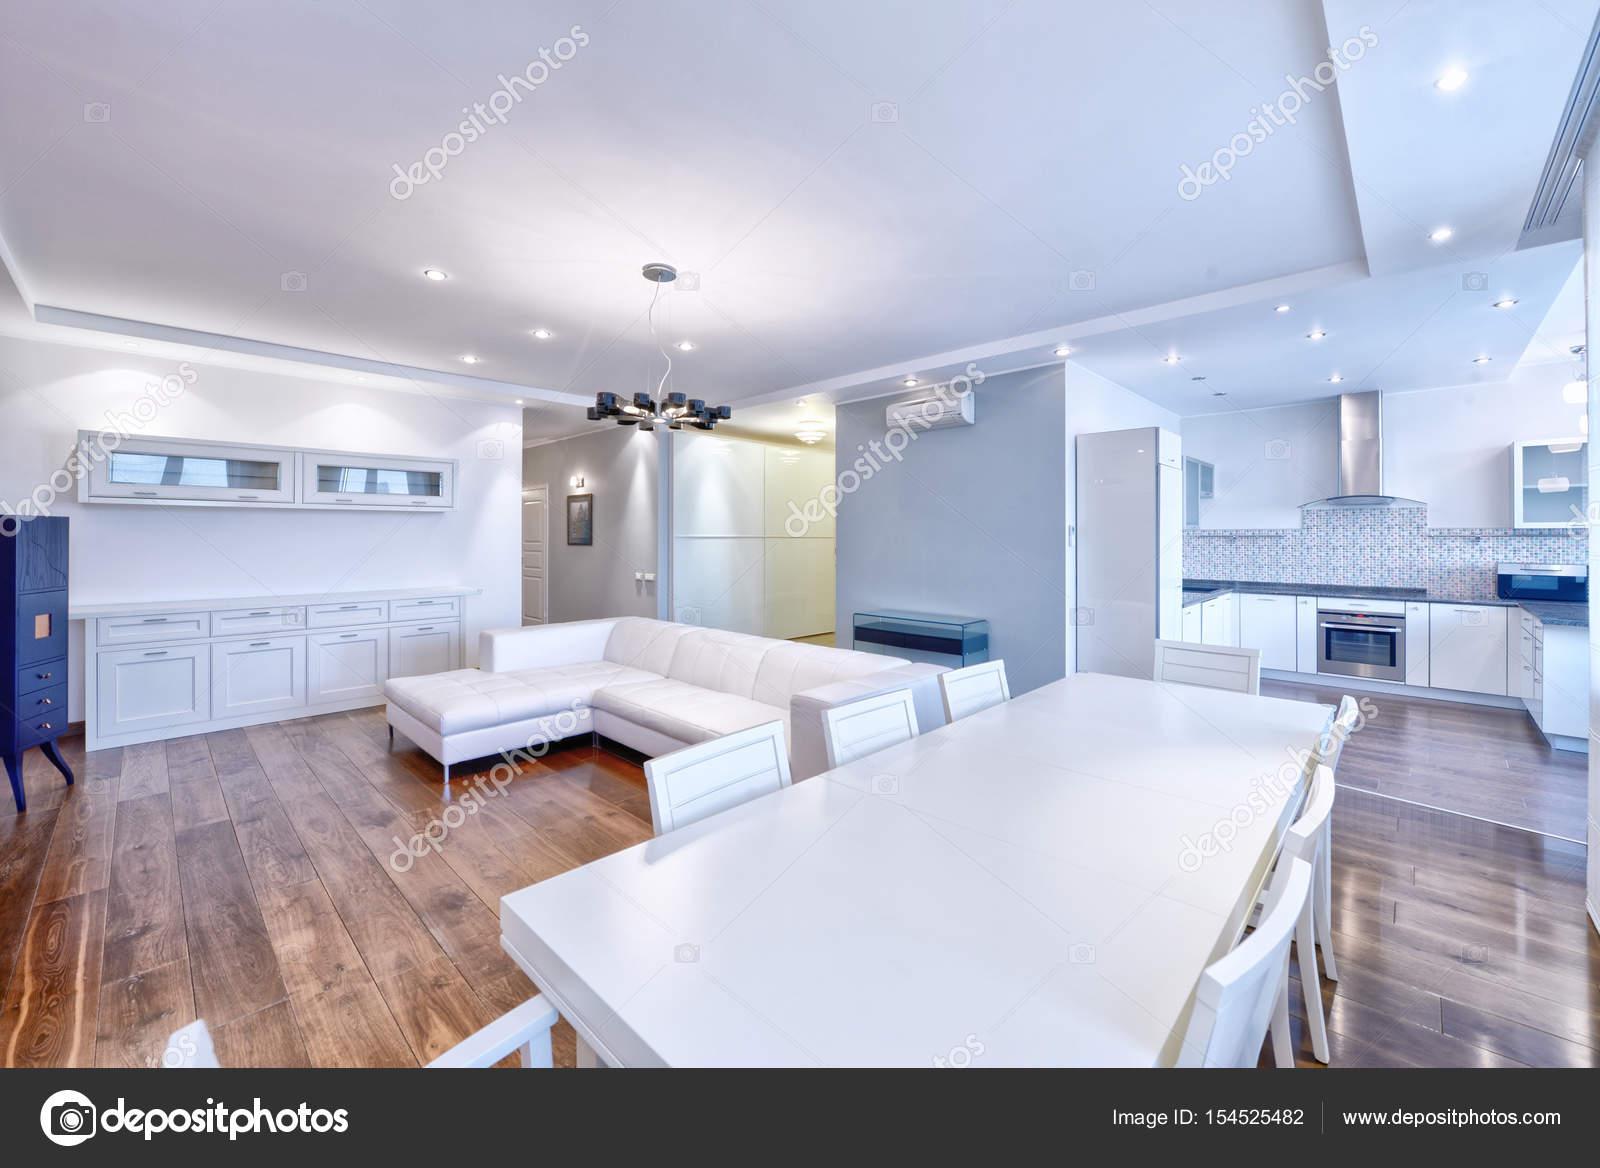 Interieur der Küche-Wohnzimmer in einem modernen Haus — Stockfoto ...